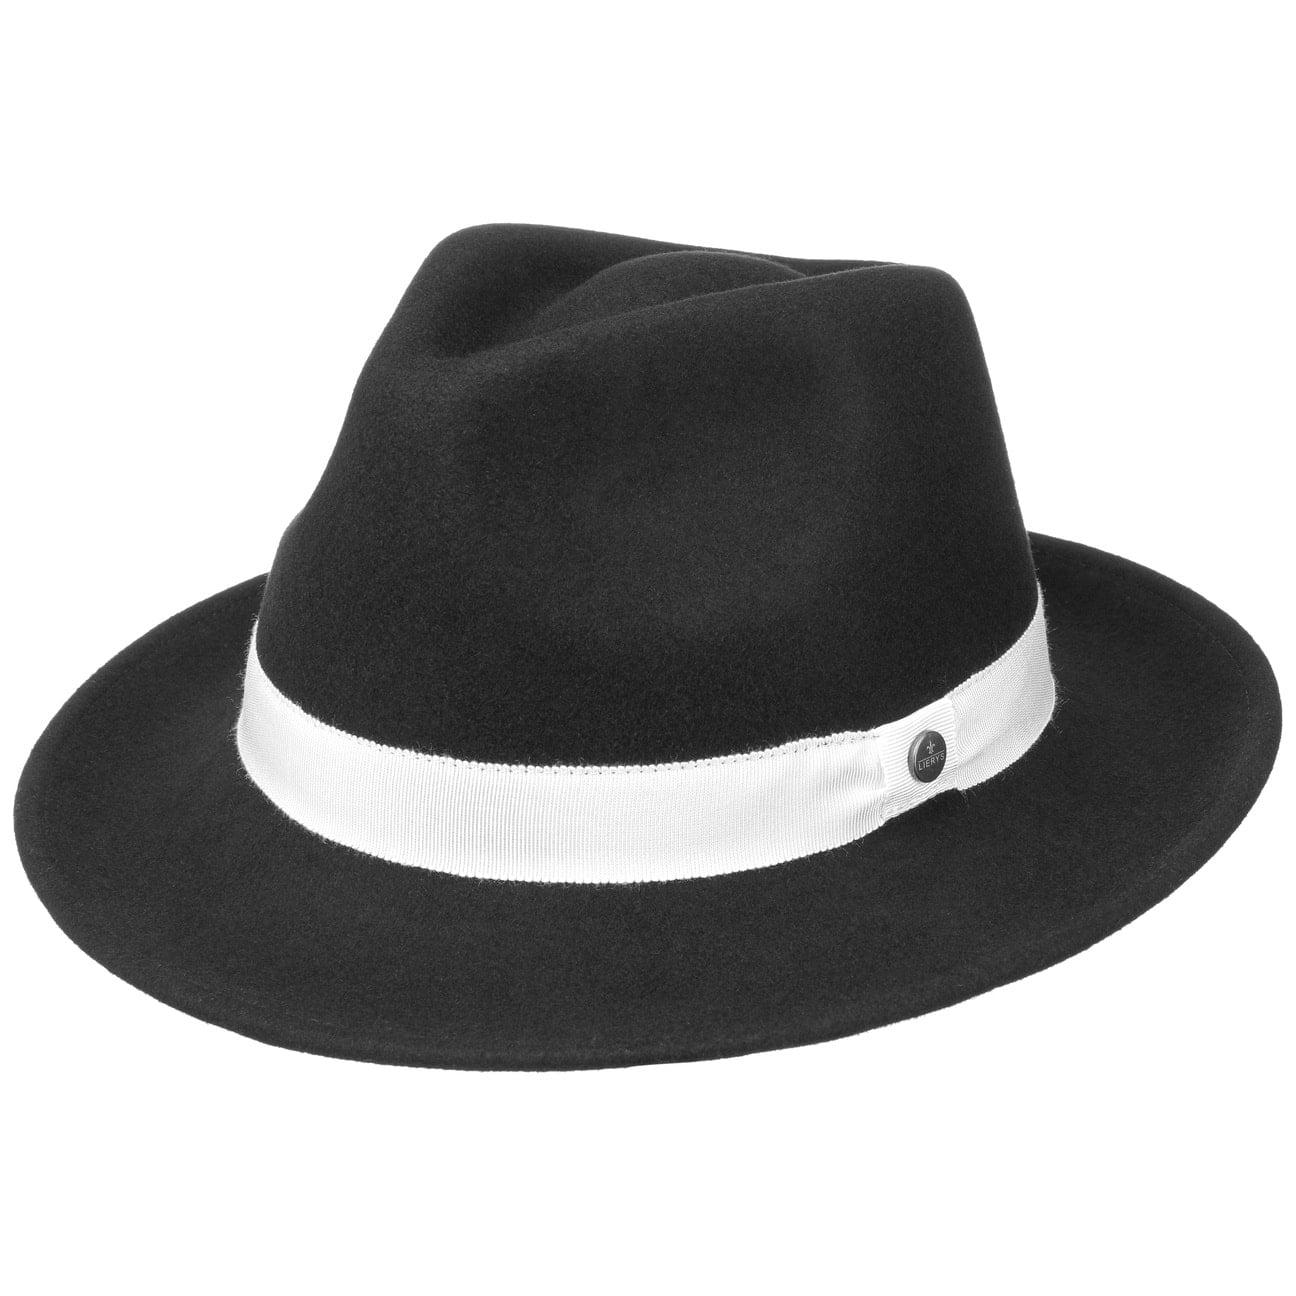 Sombrero Corleone by Lierys  sombreros